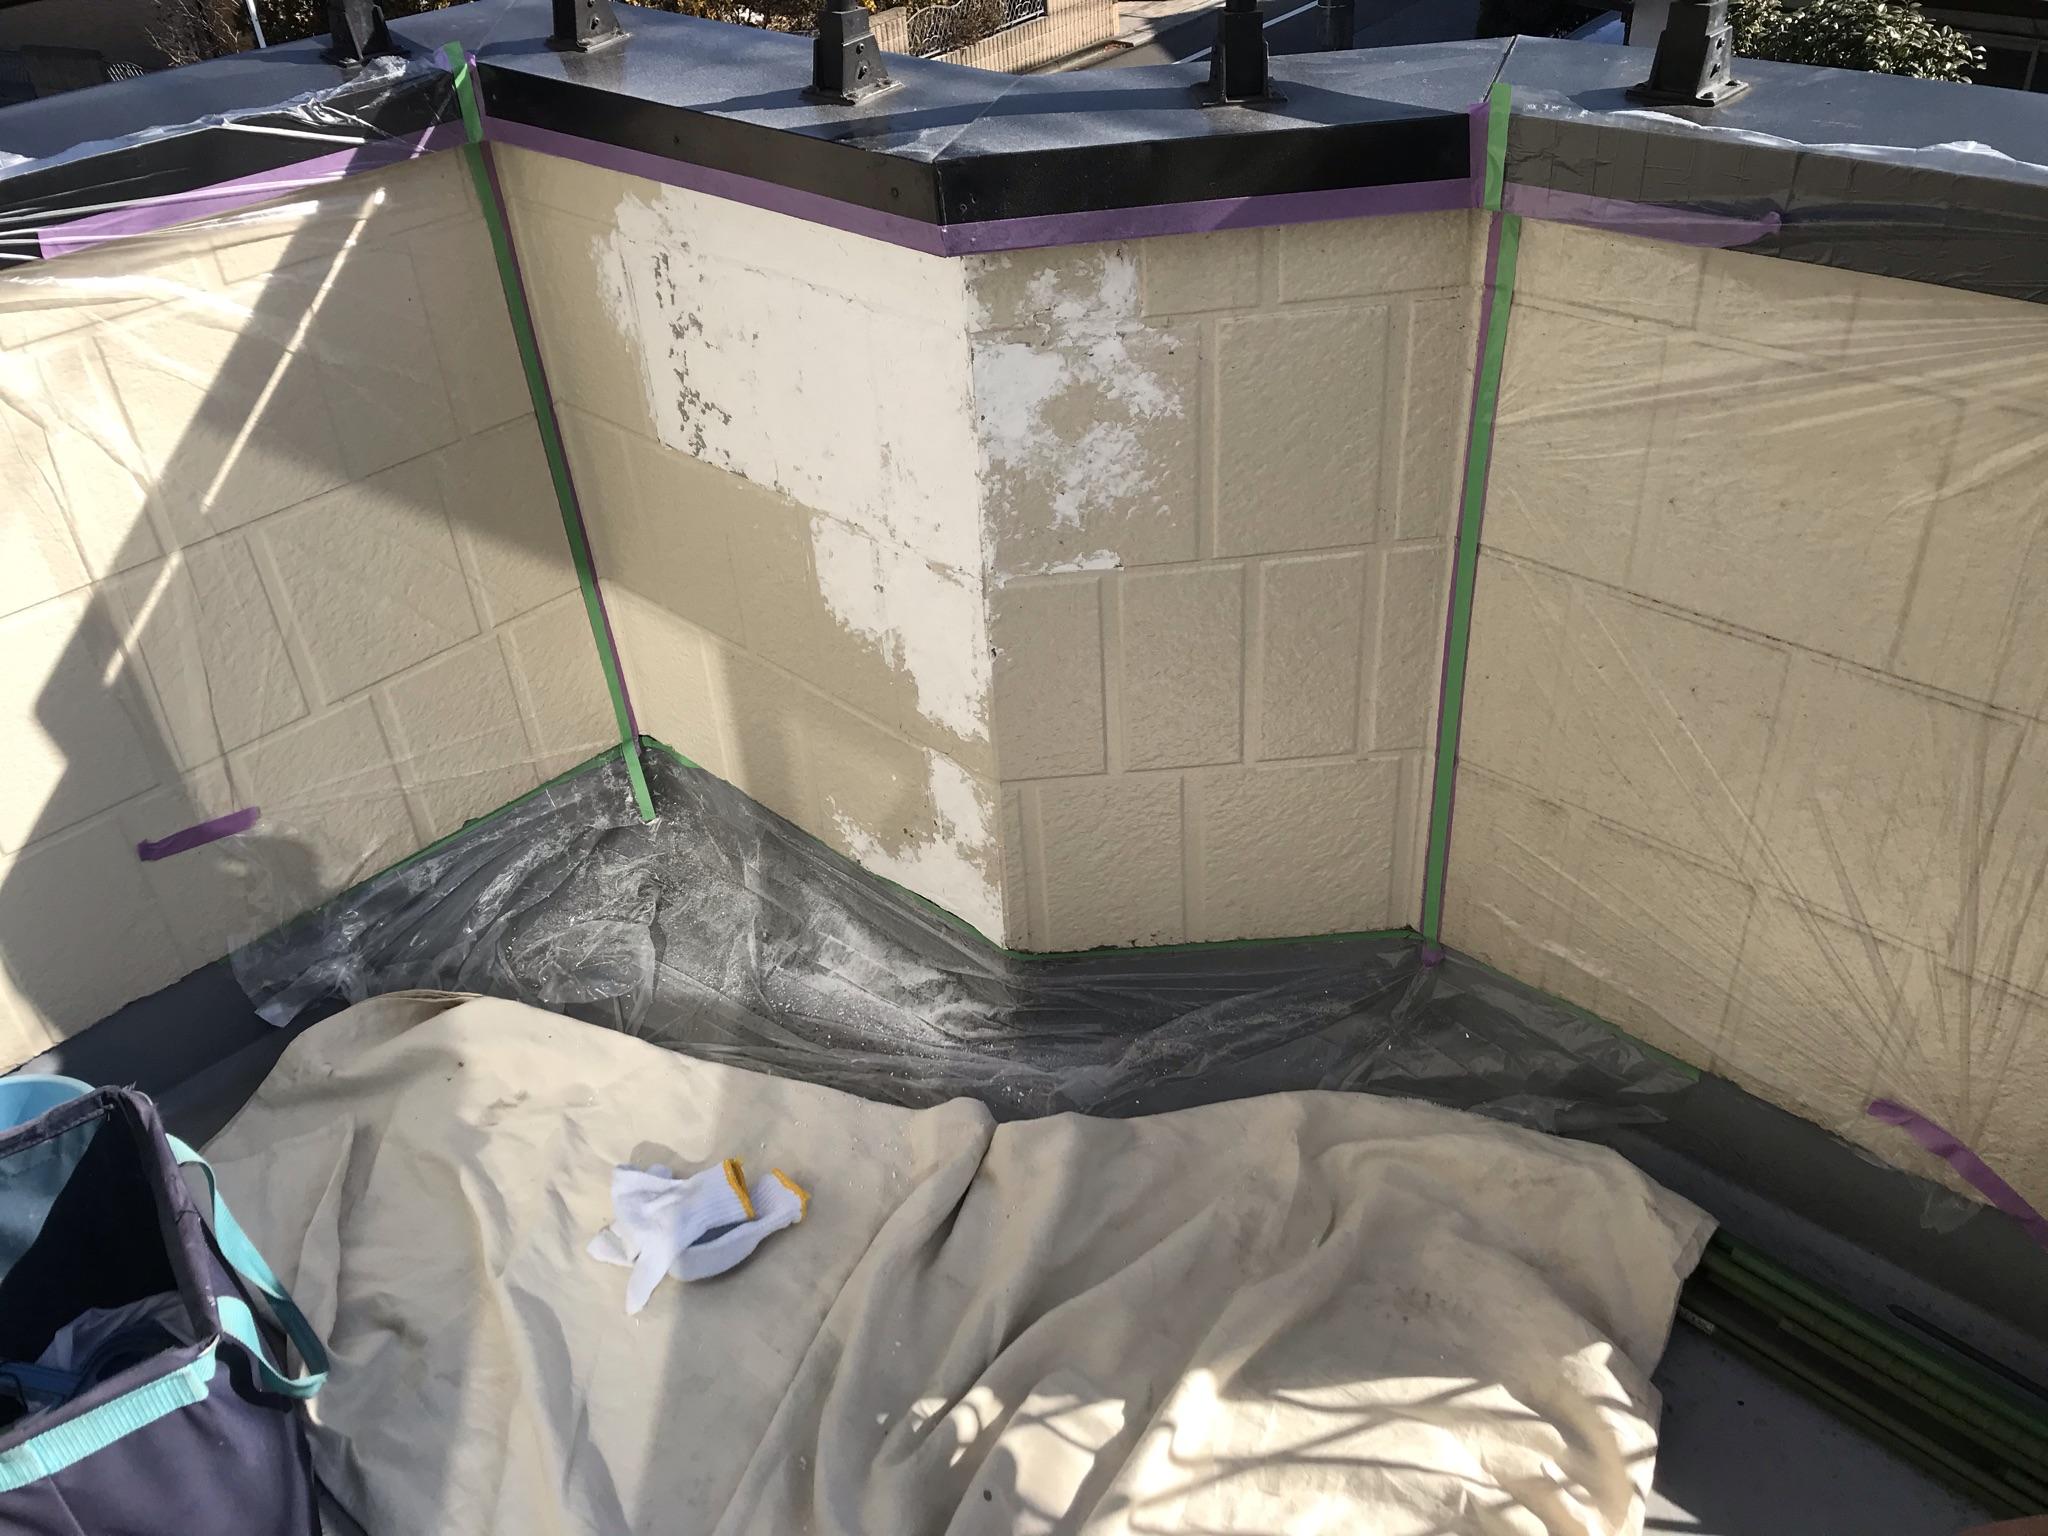 春日部市豊町でベランダ内側塗装不良部分をパテで下地補修後塗装前に養生